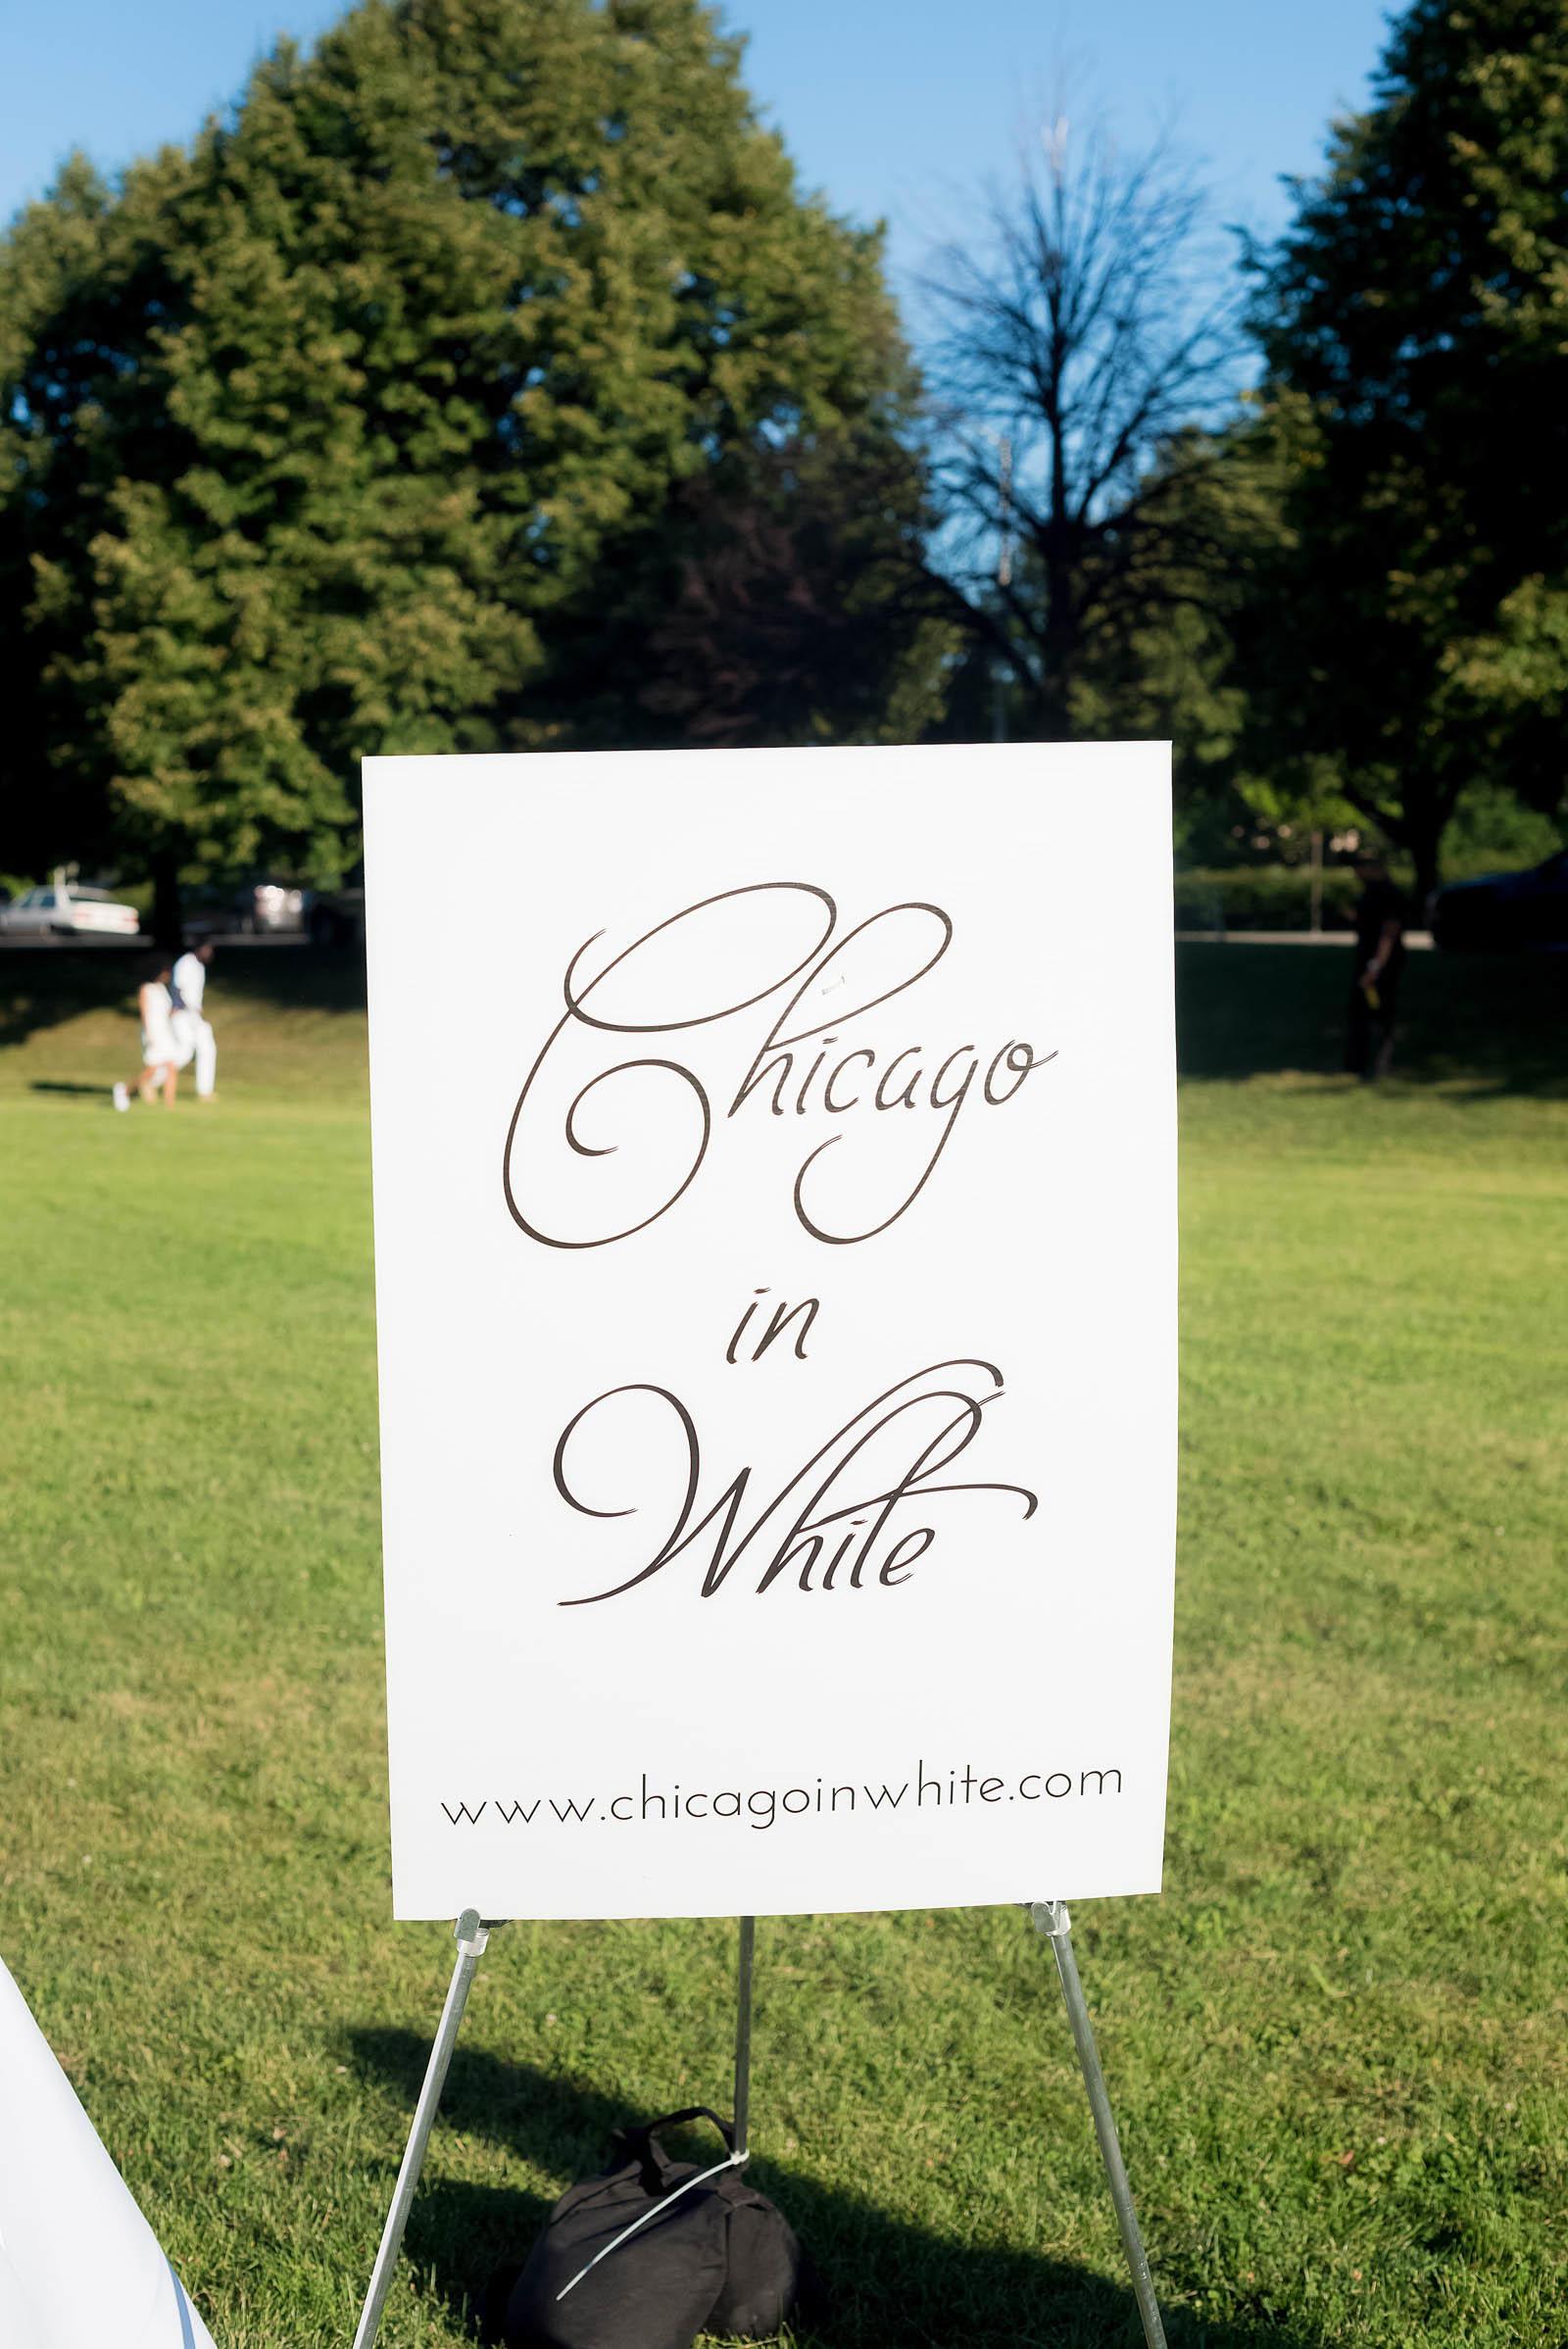 Chicago in White 2016 Dinner Hyde Park